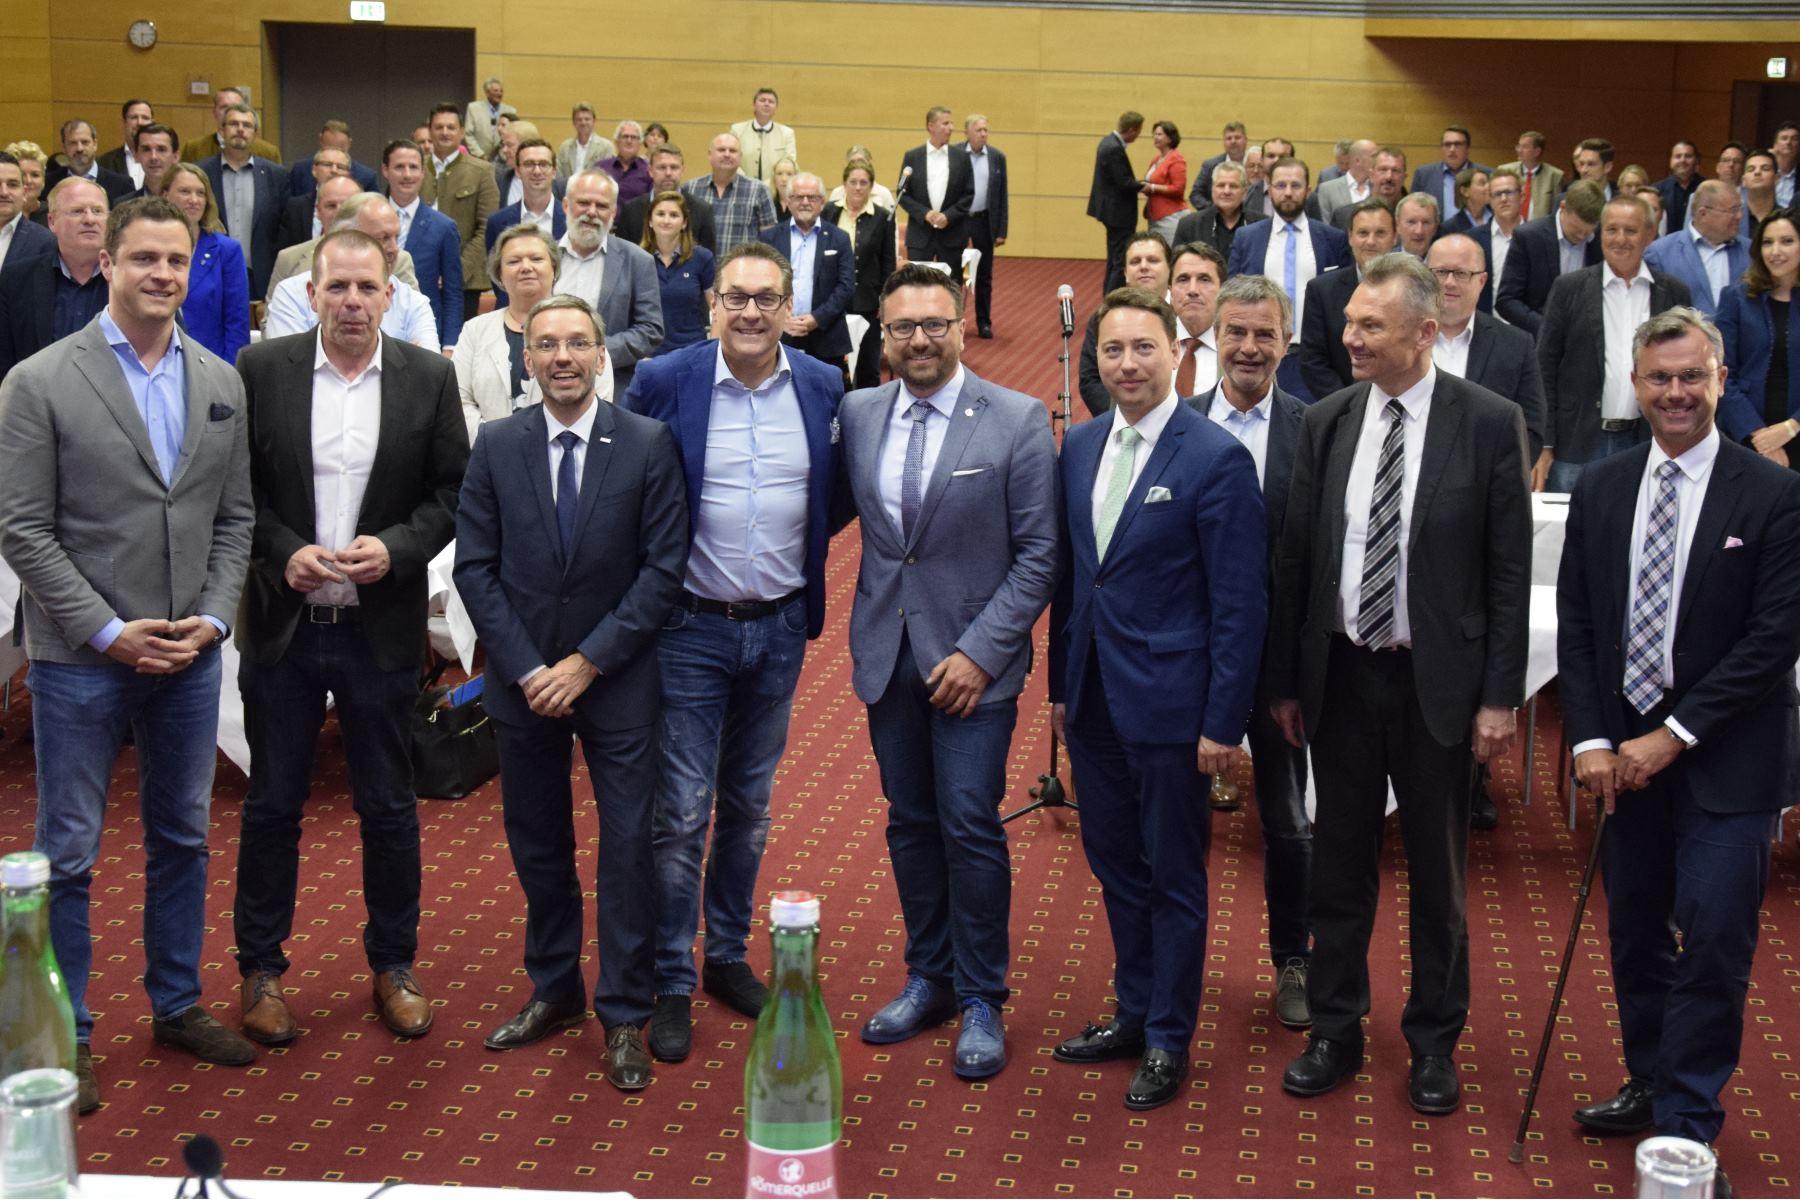 Leiter Rebers Einstand im Bundesvorstand der FPÖ